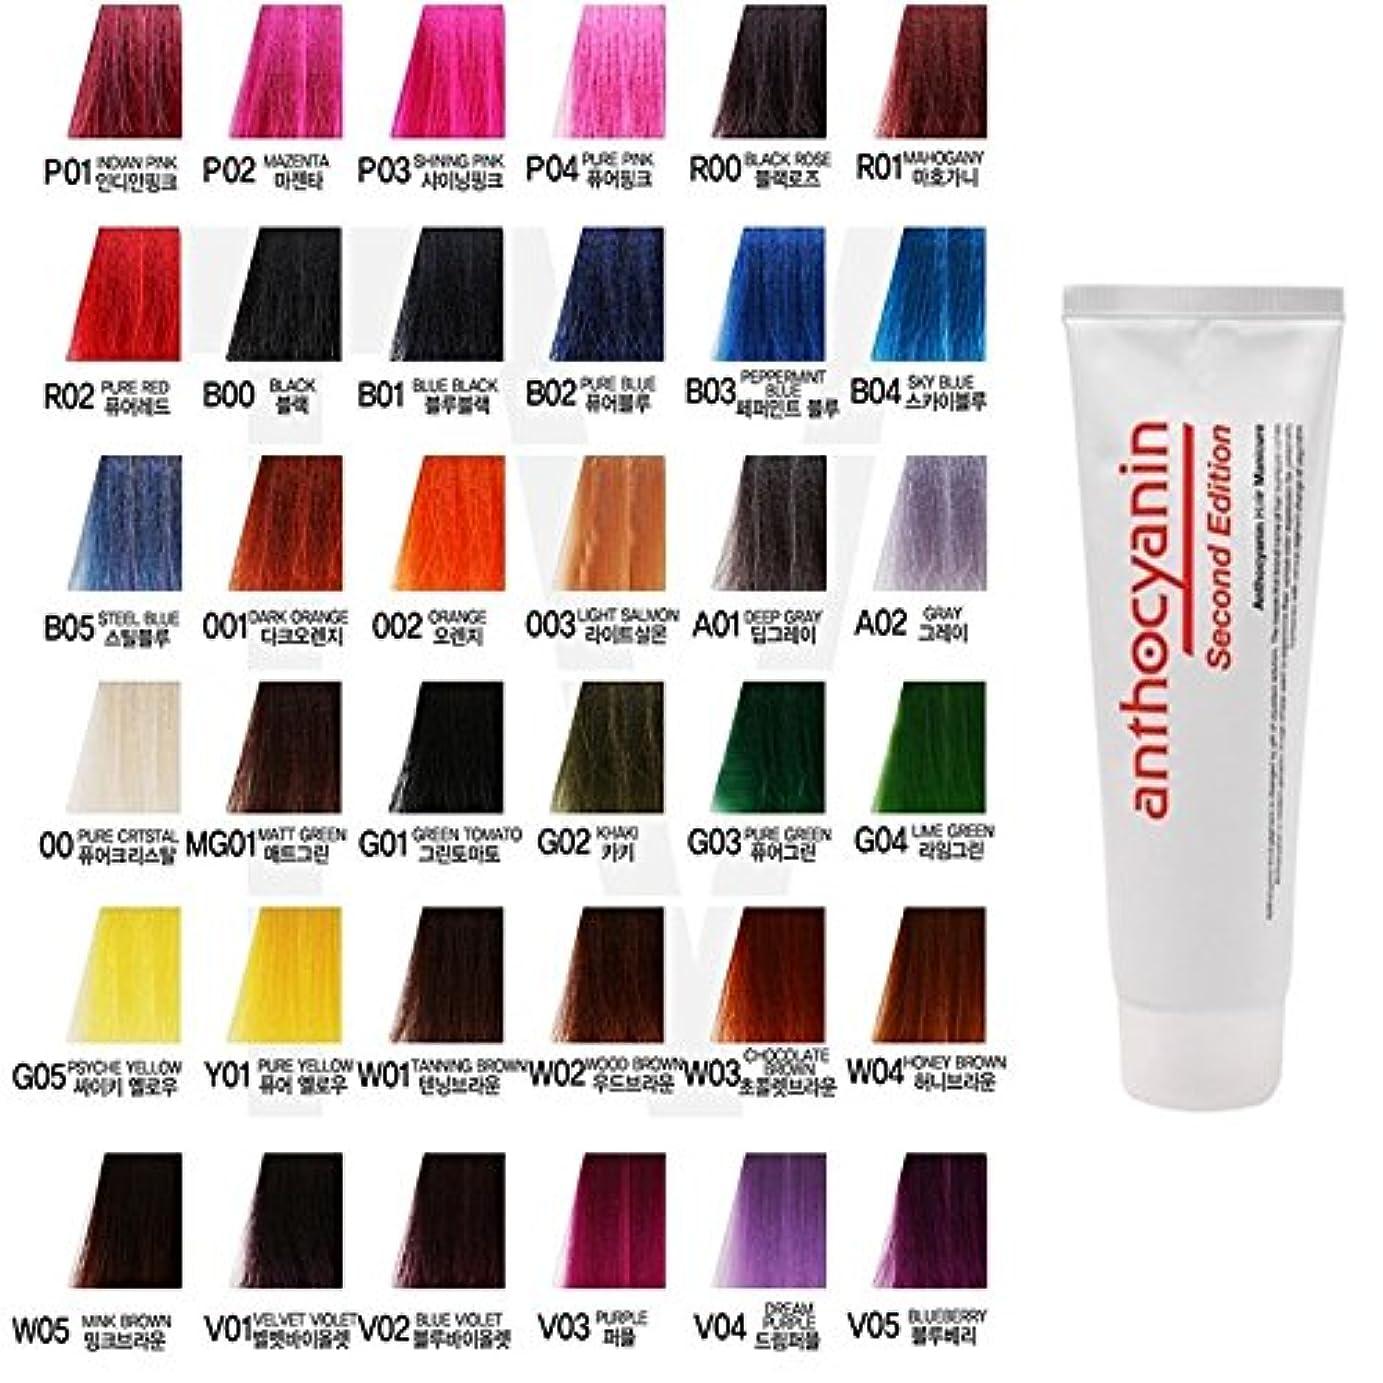 ファセット最悪危険ヘア マニキュア カラー セカンド エディション 230g セミ パーマネント 染毛剤 ( Hair Manicure Color Second Edition 230g Semi Permanent Hair Dye) [並行輸入品] (O12 Coral Orange)